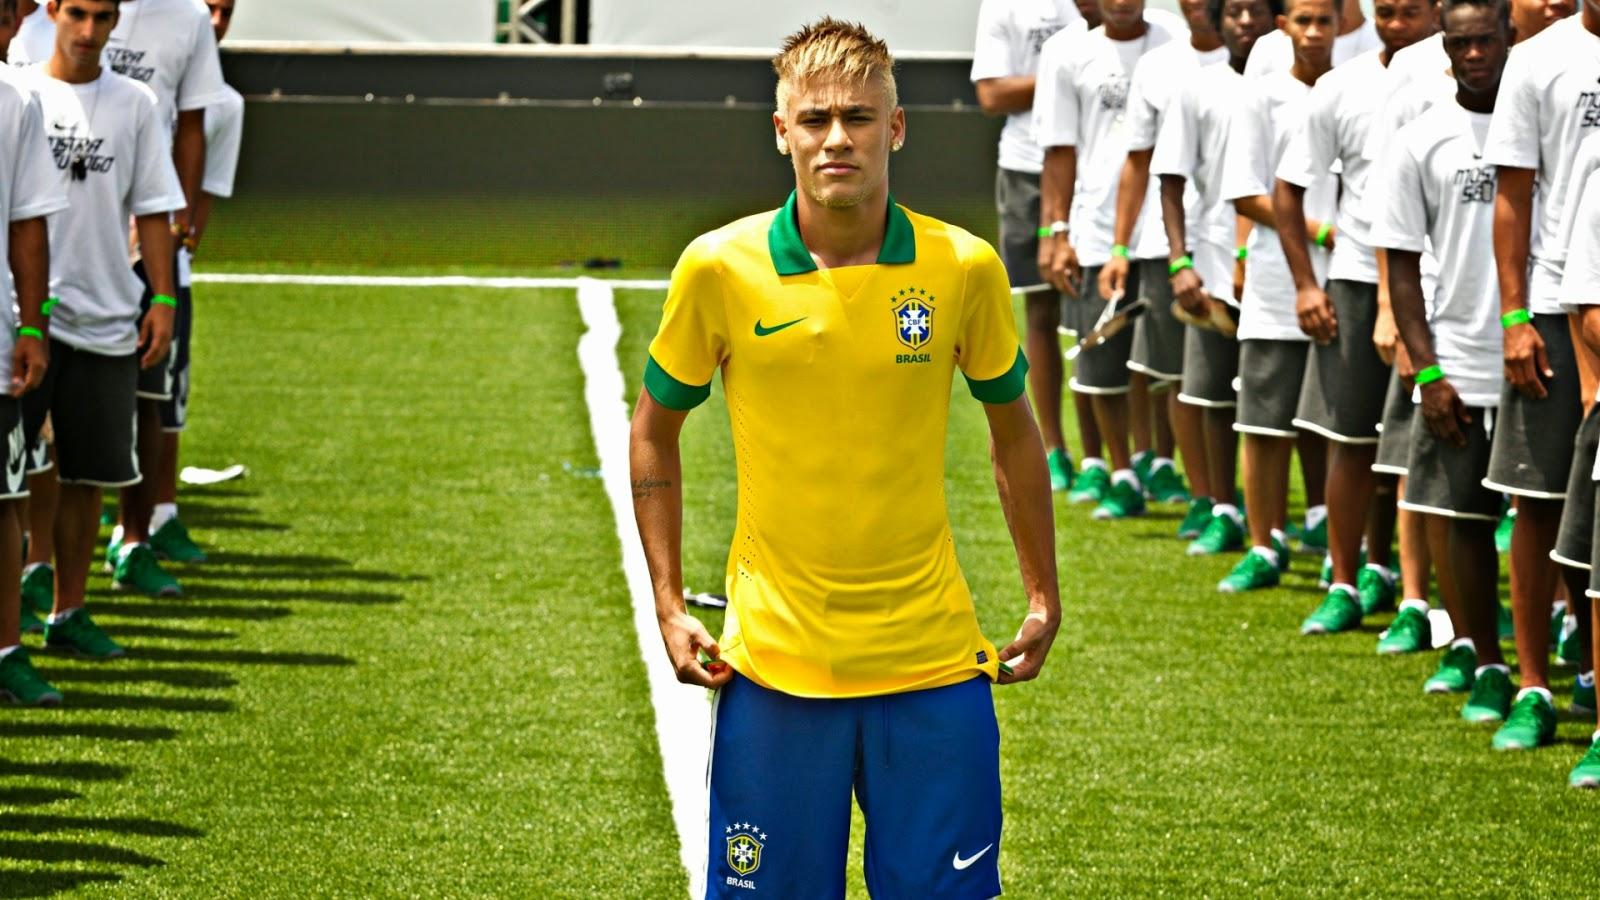 نيمار البرازيلي باستايل جديد لشعره